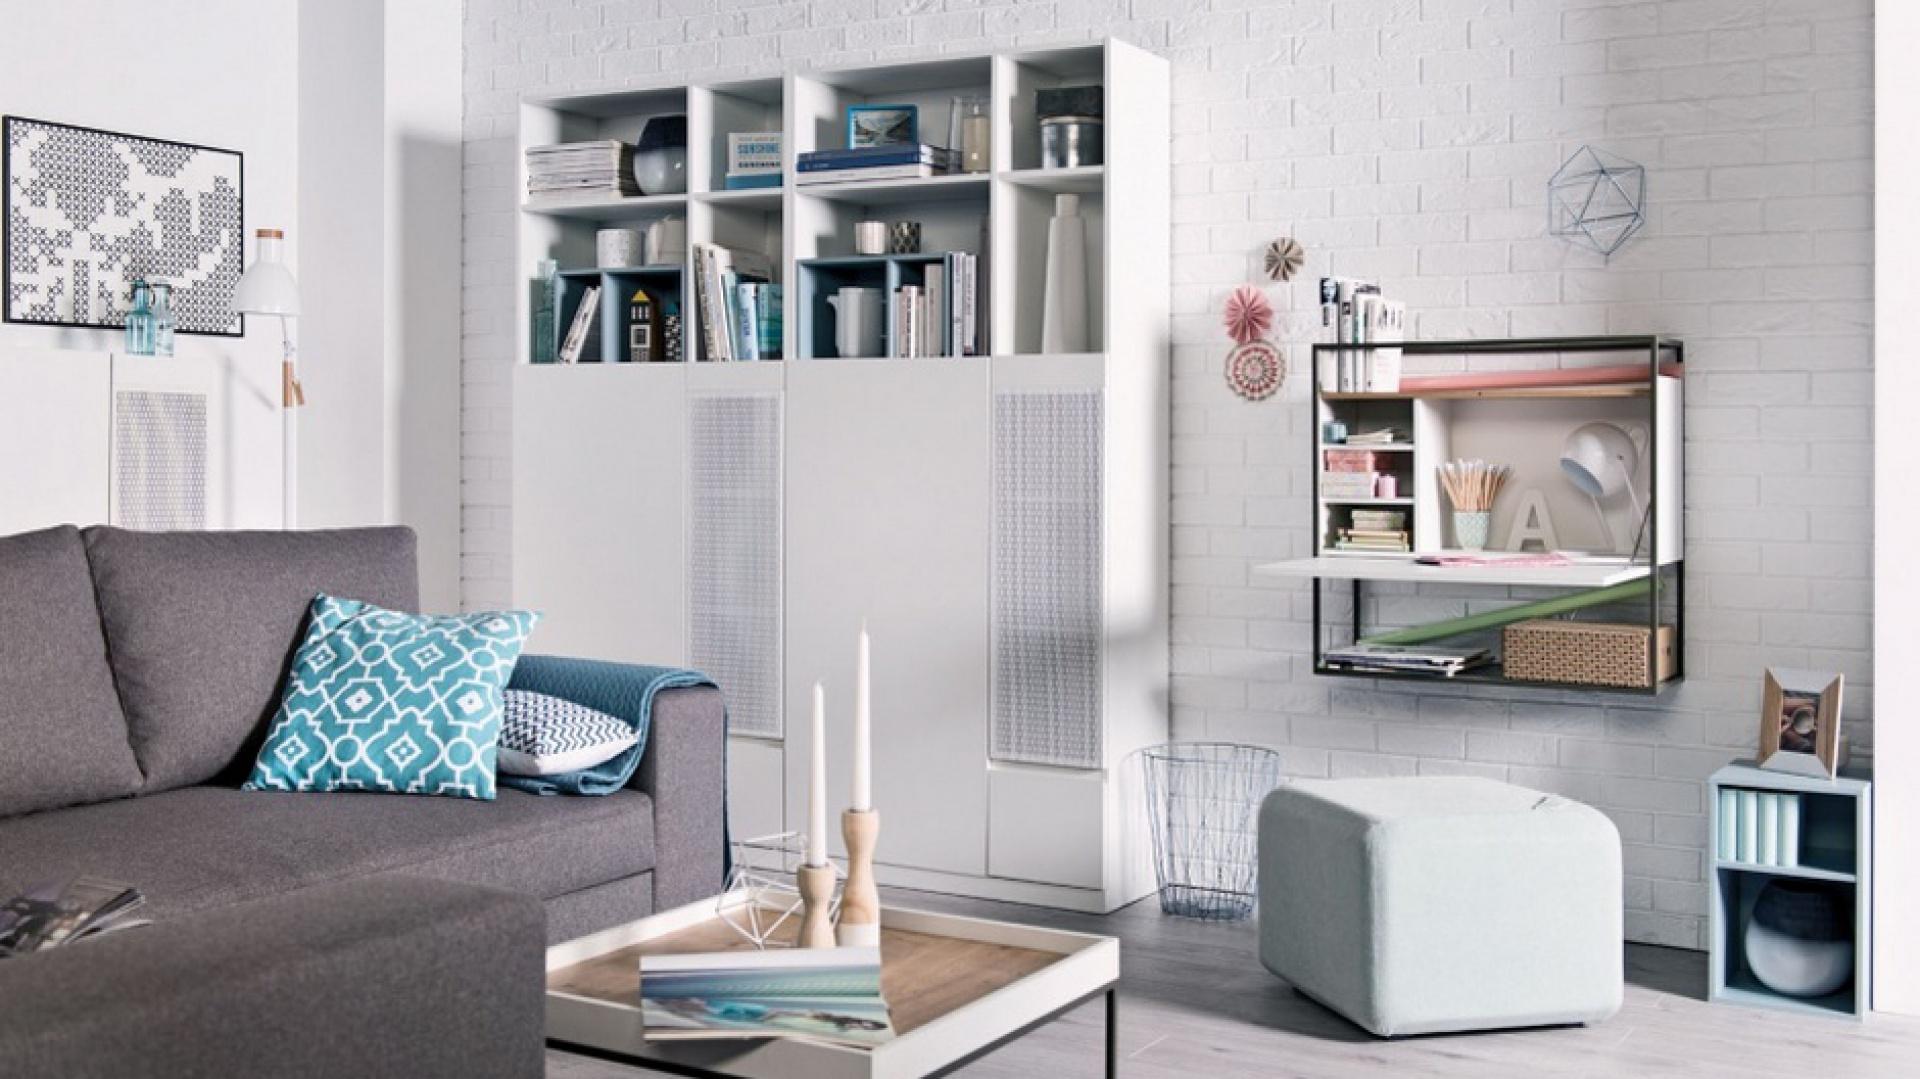 Do niewielkich wnętrz polecane są kompaktowe, modułowe zestawy mebli, najlepiej wybrać jasne kolory i dopasowane dodatki. na zdj. kolekcja muto Meble Vox. Fot. Meble Vox